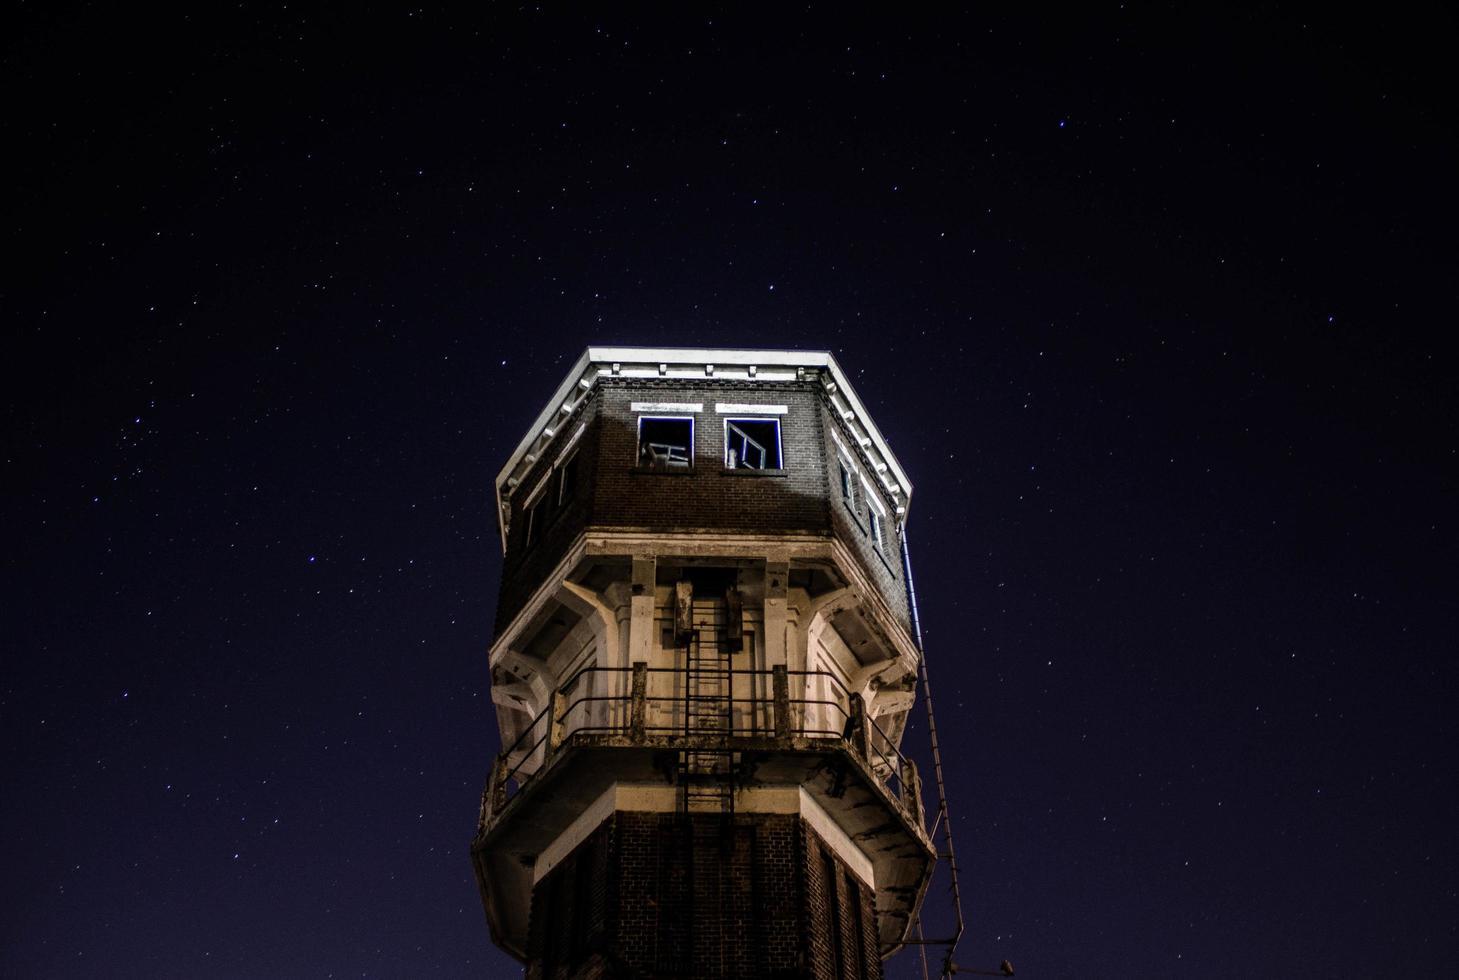 Brügge, Belgien, 2020 - Spitze des Glockenturms von Brügge bei Nacht foto